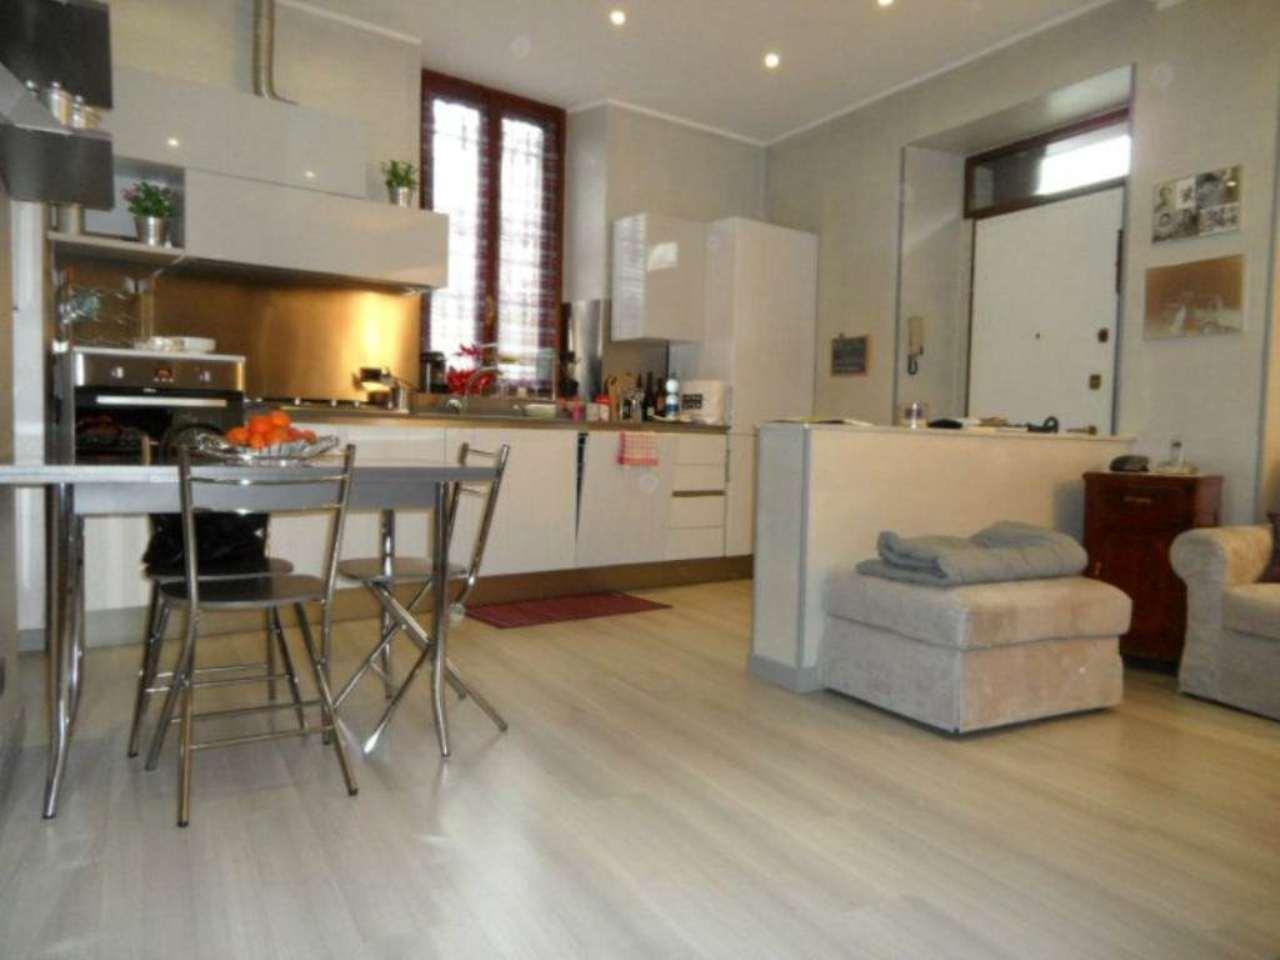 Appartamento in vendita a Albano Sant'Alessandro, 2 locali, prezzo € 61.000 | CambioCasa.it